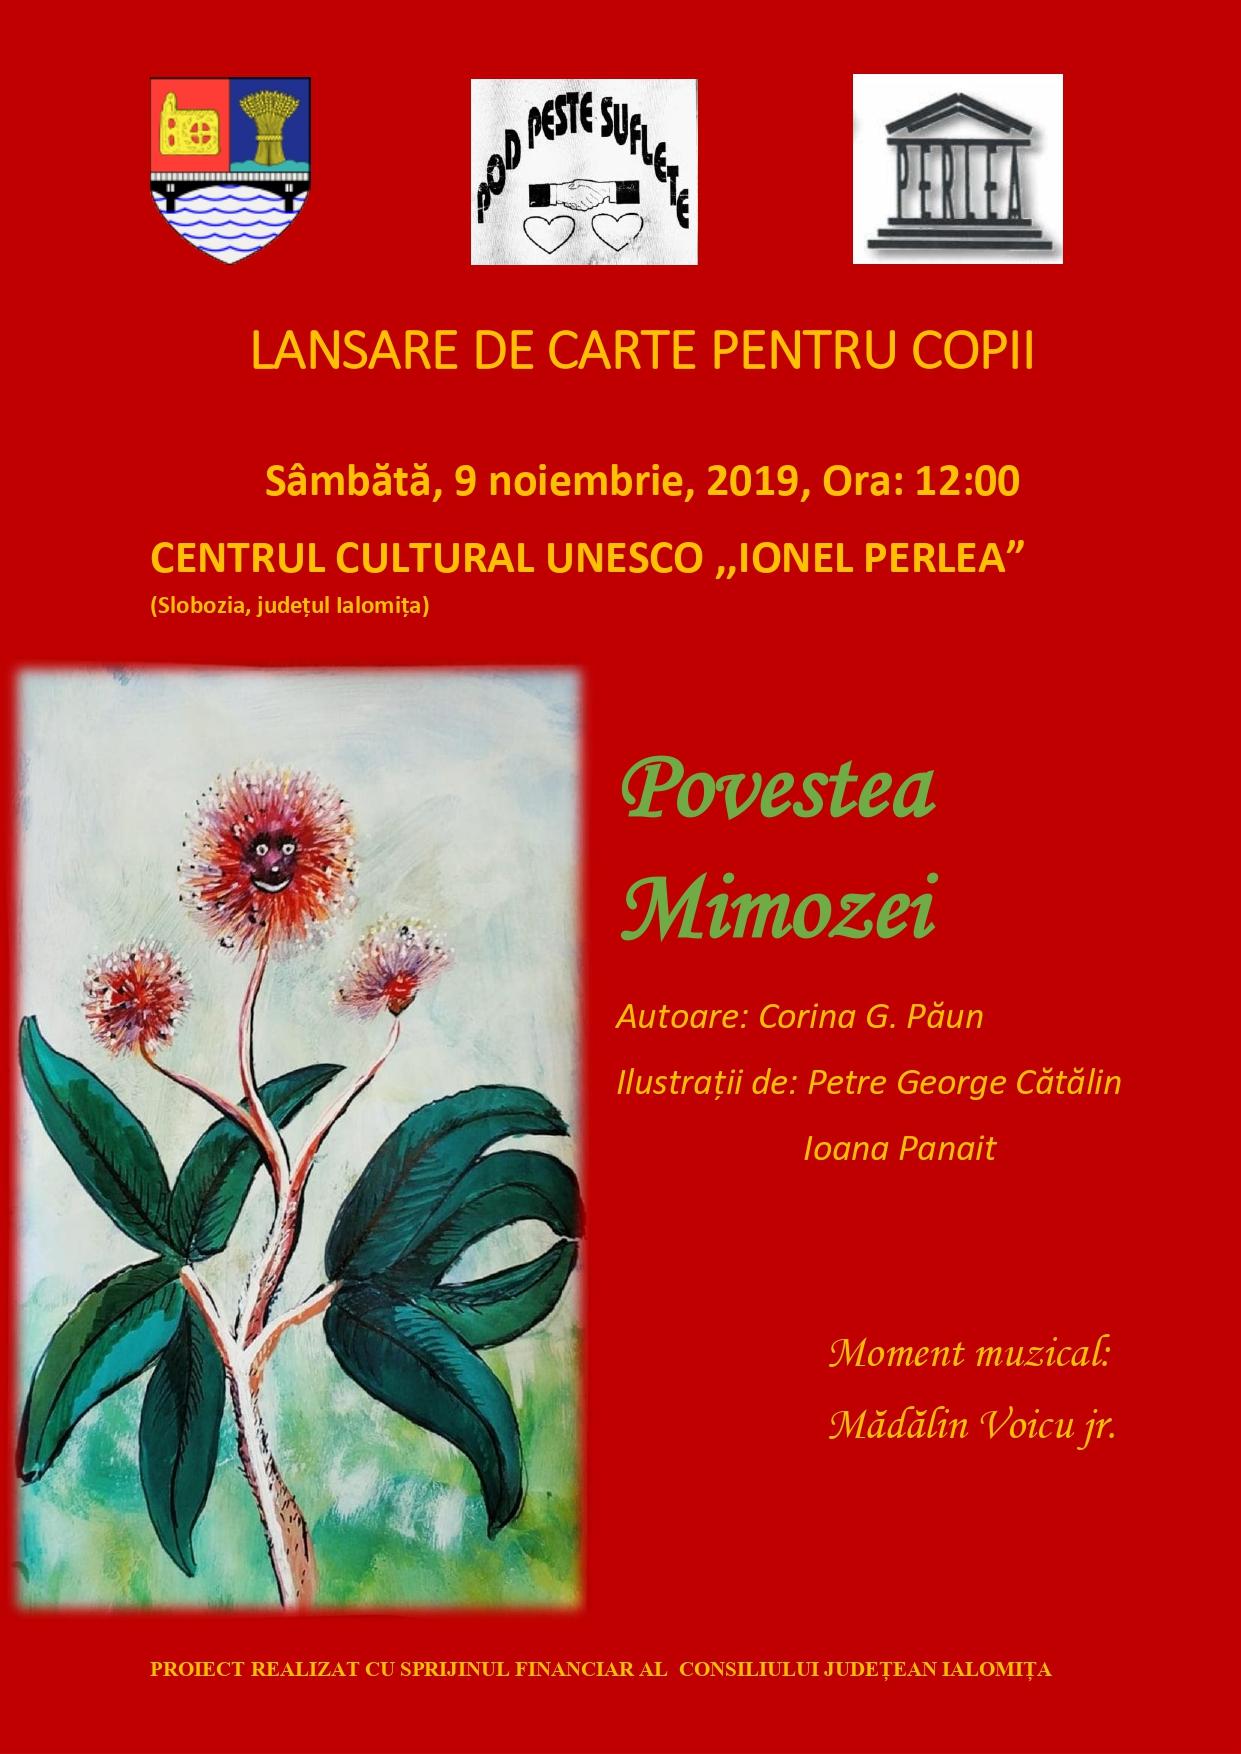 """Lansare de carte pentru copii – Povestea Mimozei, 9 noiembrie 2019, ora 12:00, Centru Cultural ,, Ionel Perlea"""""""